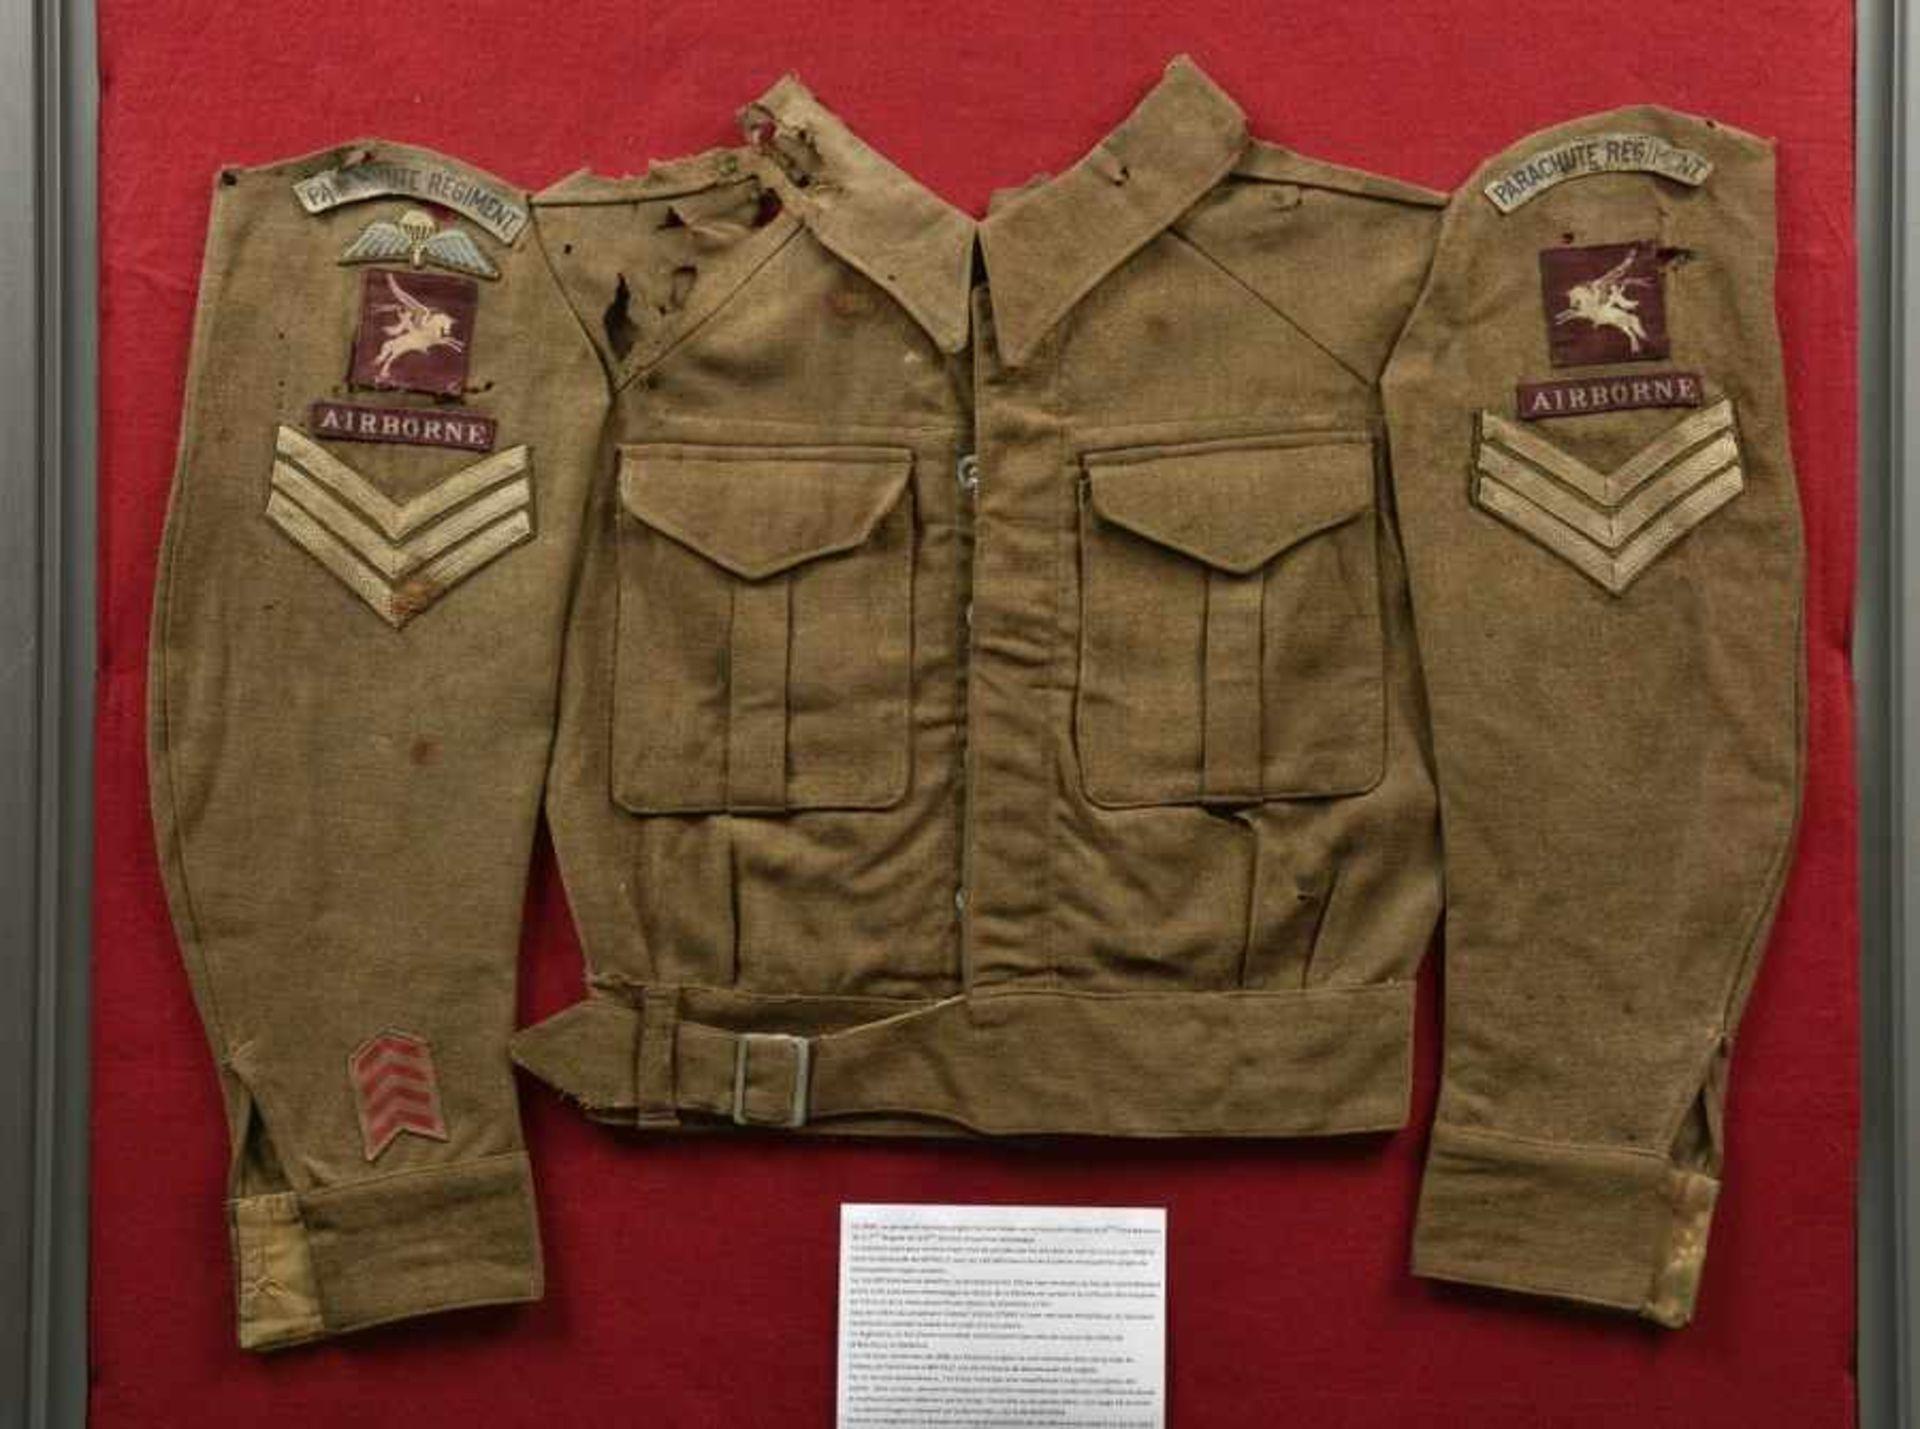 Los 41 - Relique de Battle Dress du 9ème battaillon de la 6ème Airborne. Remains of the Battledress of the